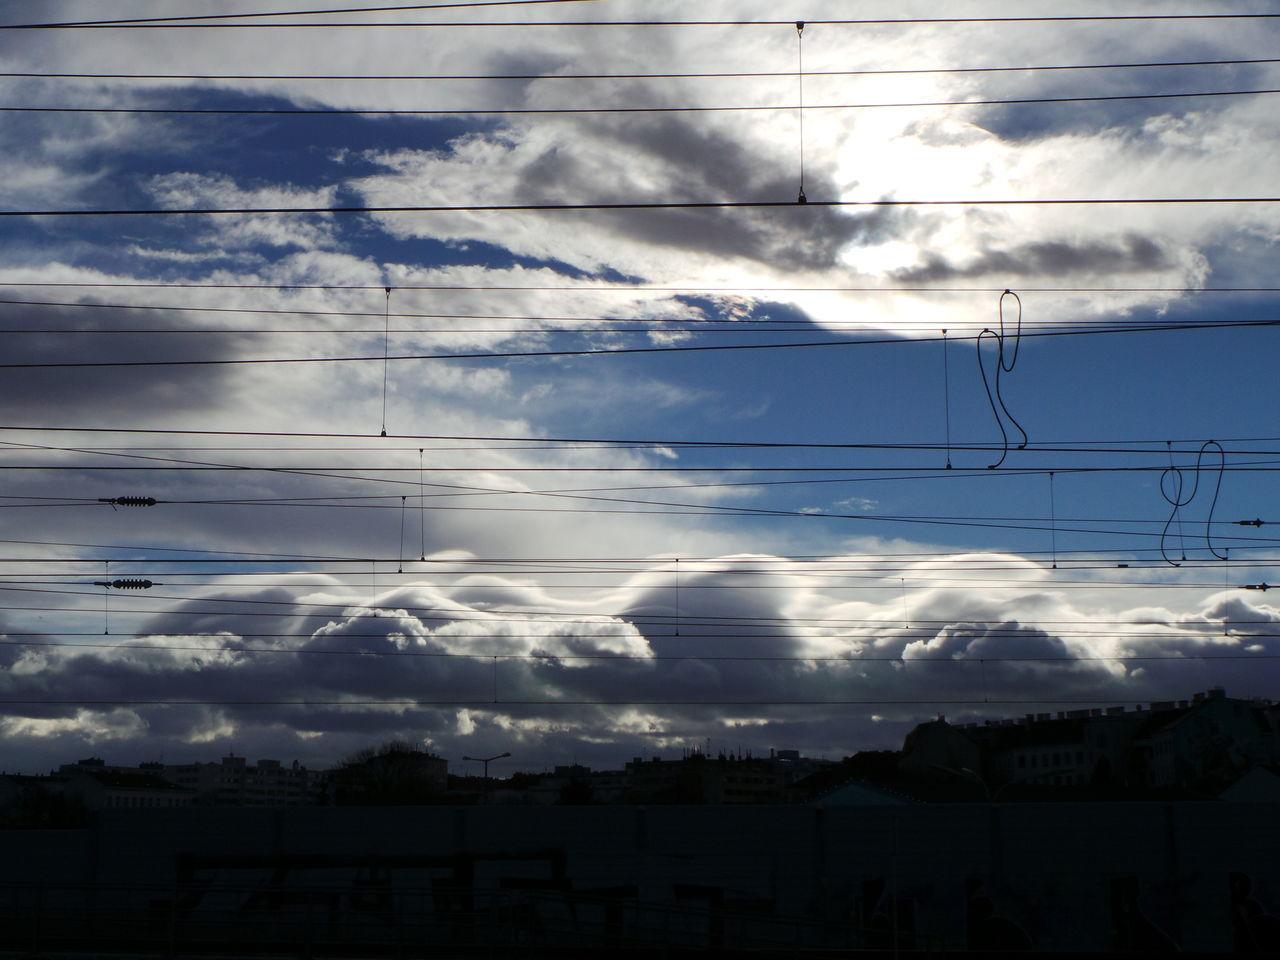 Back Light Bahnhof Catenary Clouds Clouds And Sky Gegenlicht Himmel Und Wolken Matzleinsdorfer Platz Oberleitung Overhead Contact Line Sky And Clouds Trainstation Vienna Wien Wolken